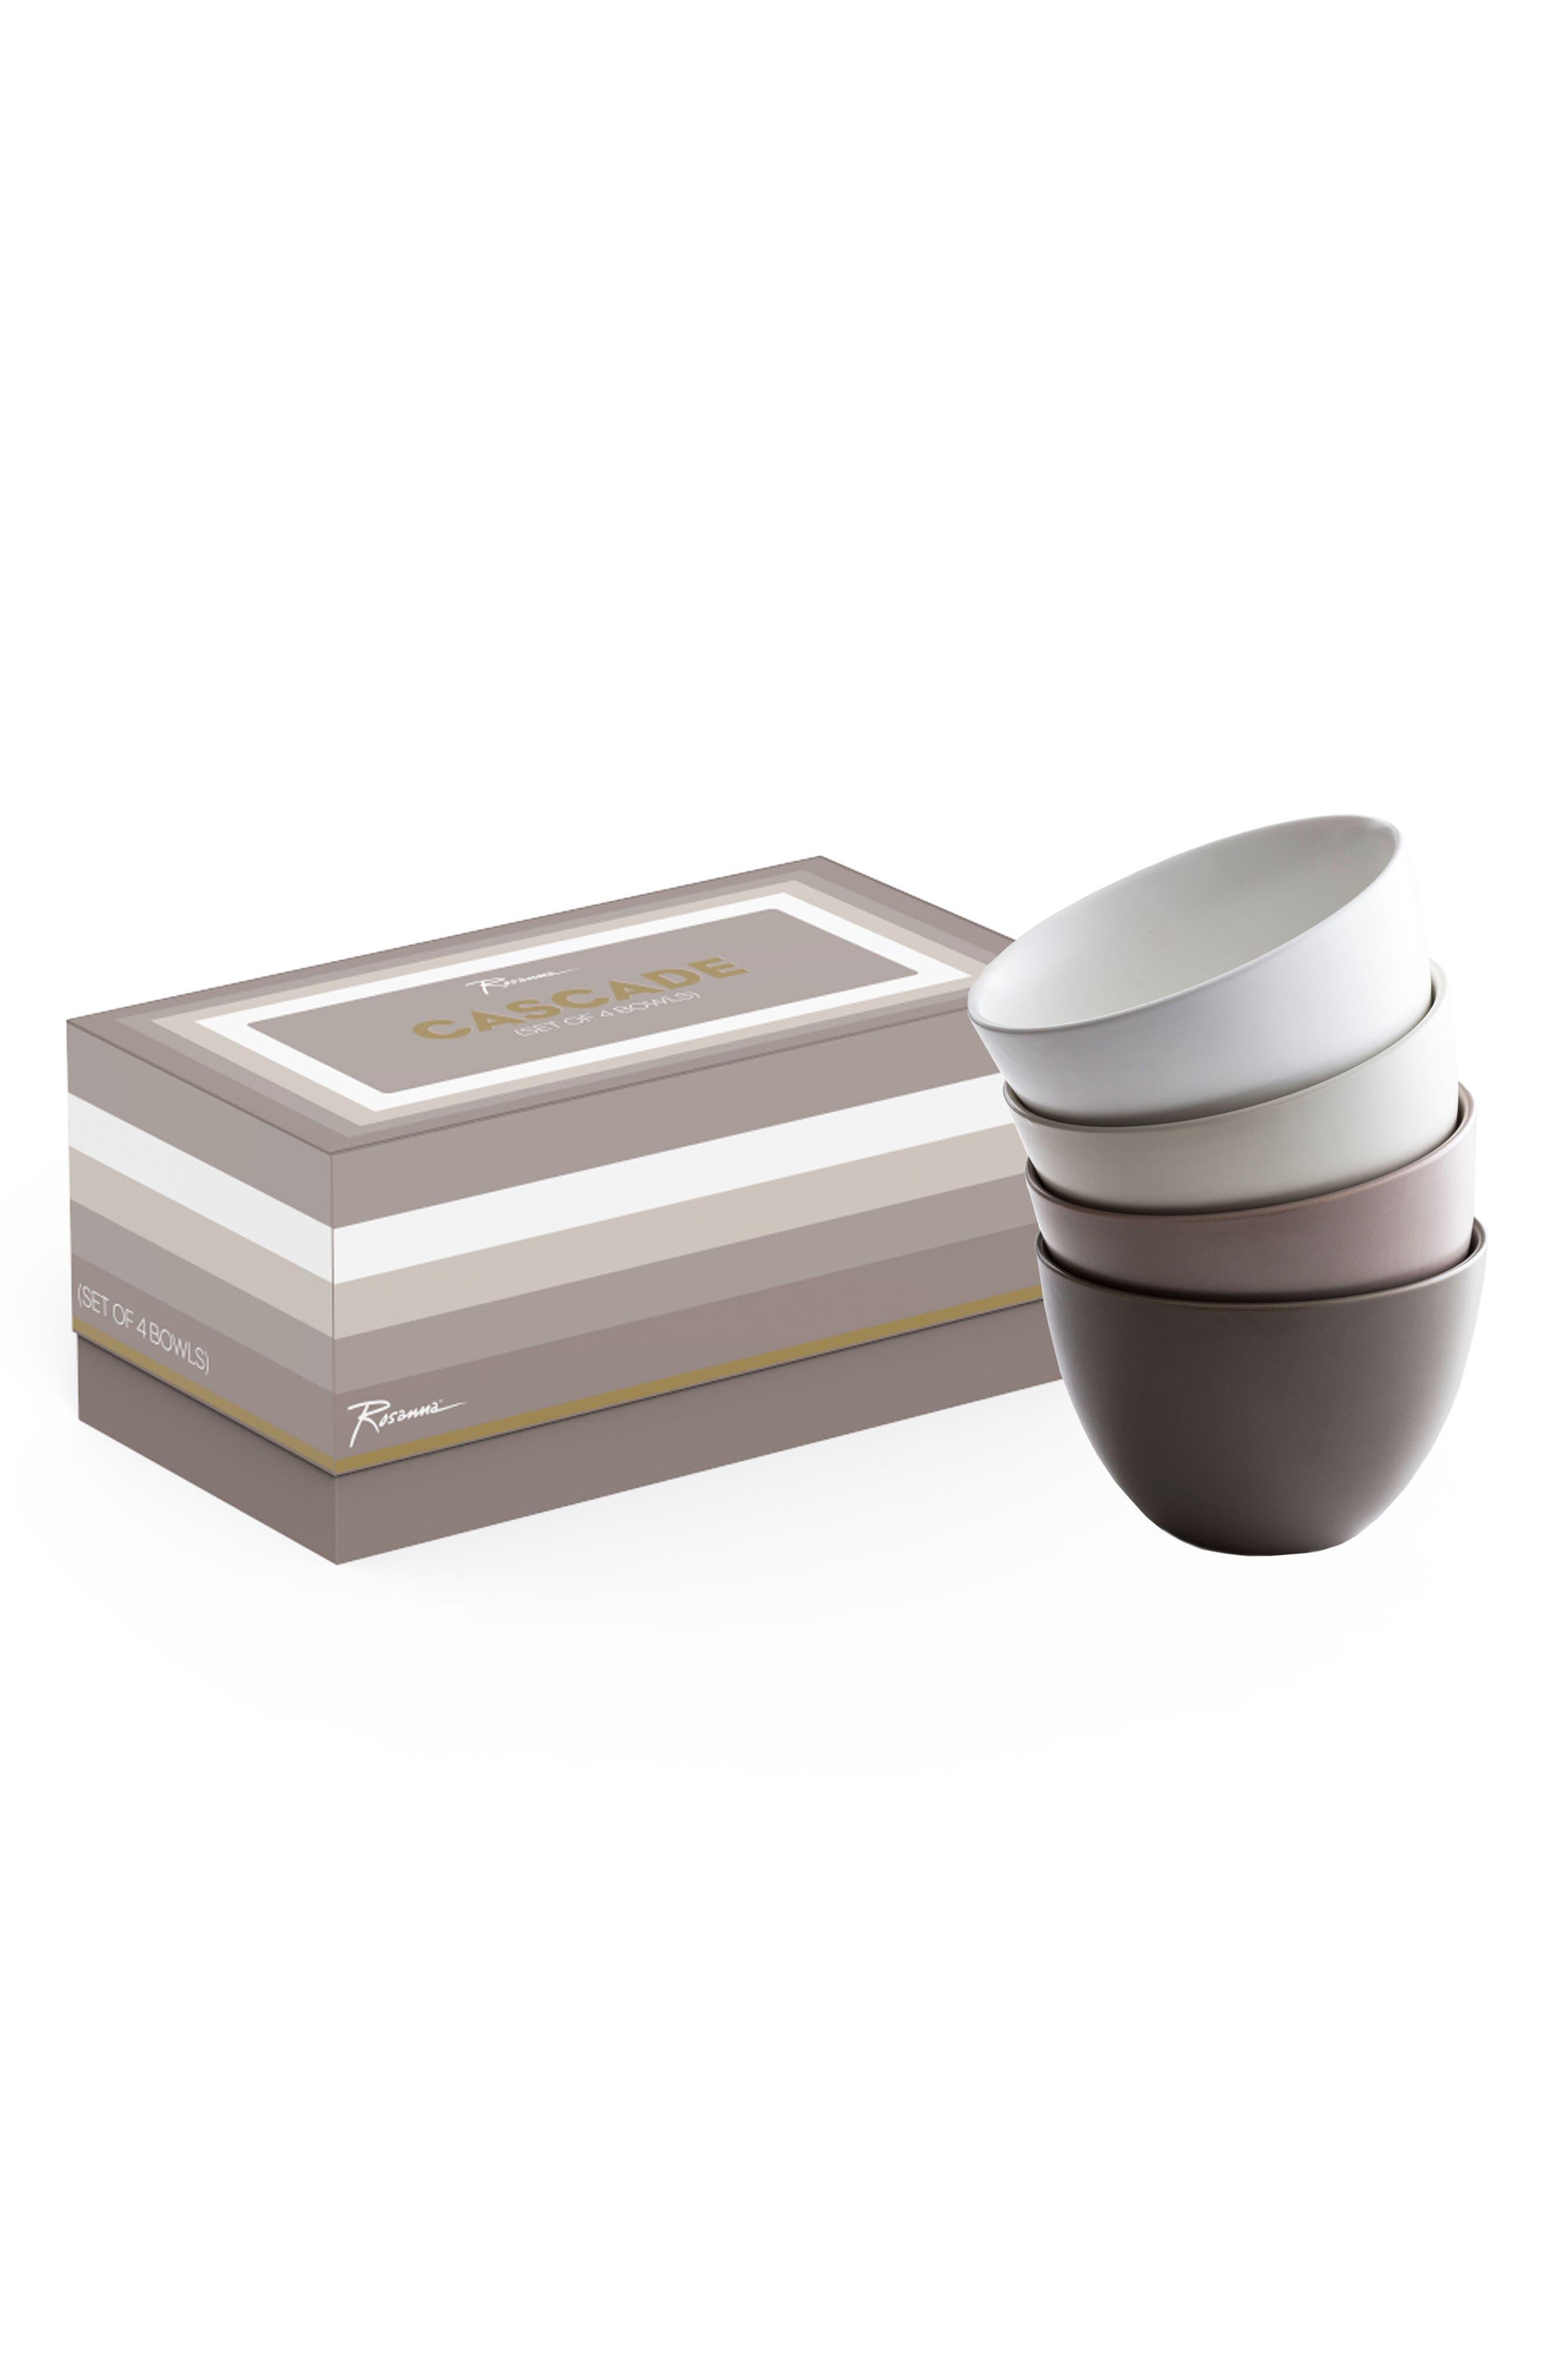 Main Image - Rosanna Cascade Set of 4 Porcelain Bowls